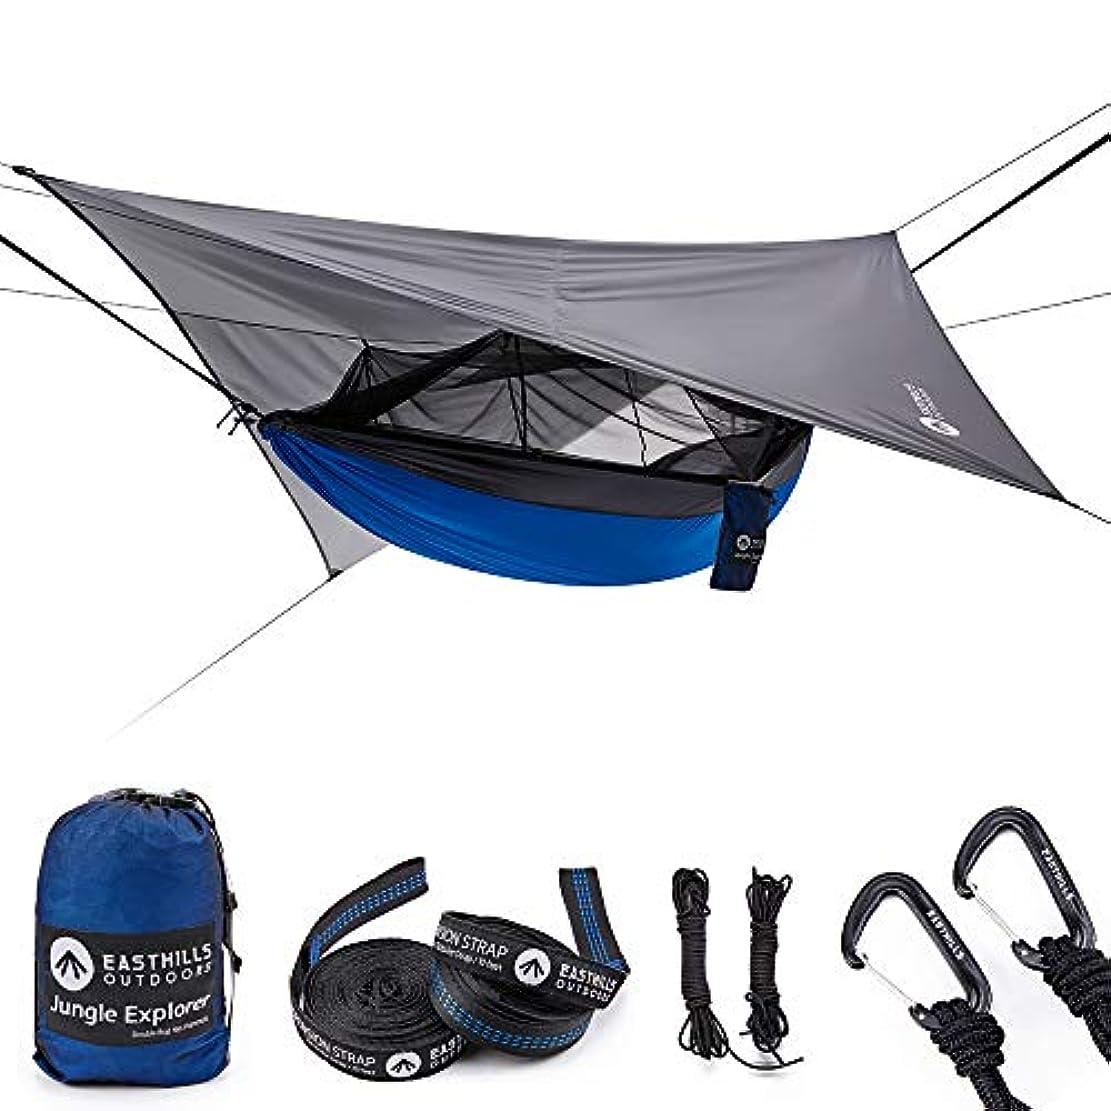 新着ギャップシーンEasthills Outdoors (イーストヒルズ) ハンモック 蚊帳付き 軽量 幅広 2人用 「2色 × タープ 有り/無し」で4パターン キャンプ、ハイキング、トラベル適用